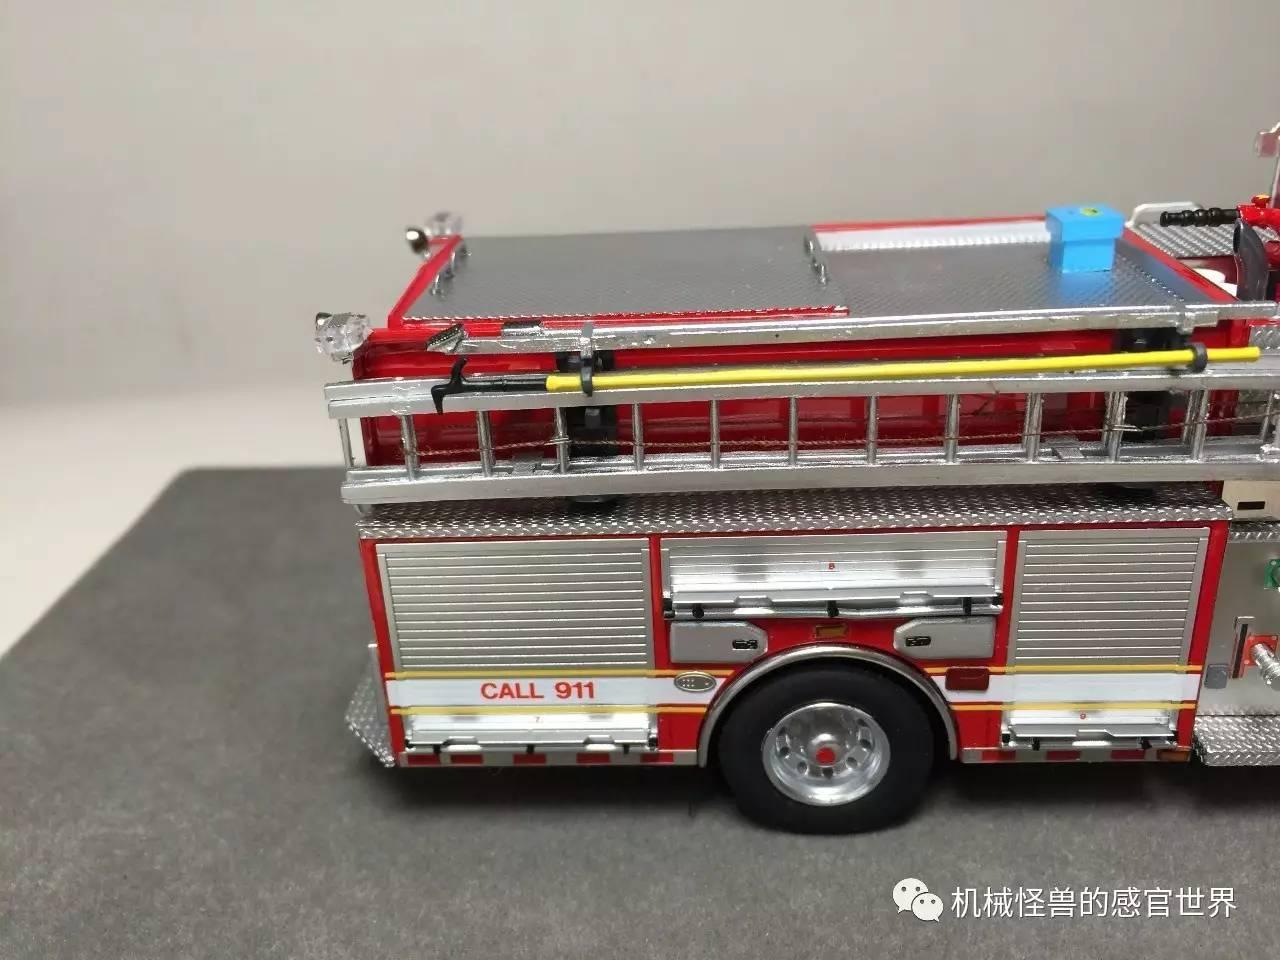 皮尔斯消防车价格_一,2017限量版皮尔斯消防车 sutphen monarch custom engine,限量100